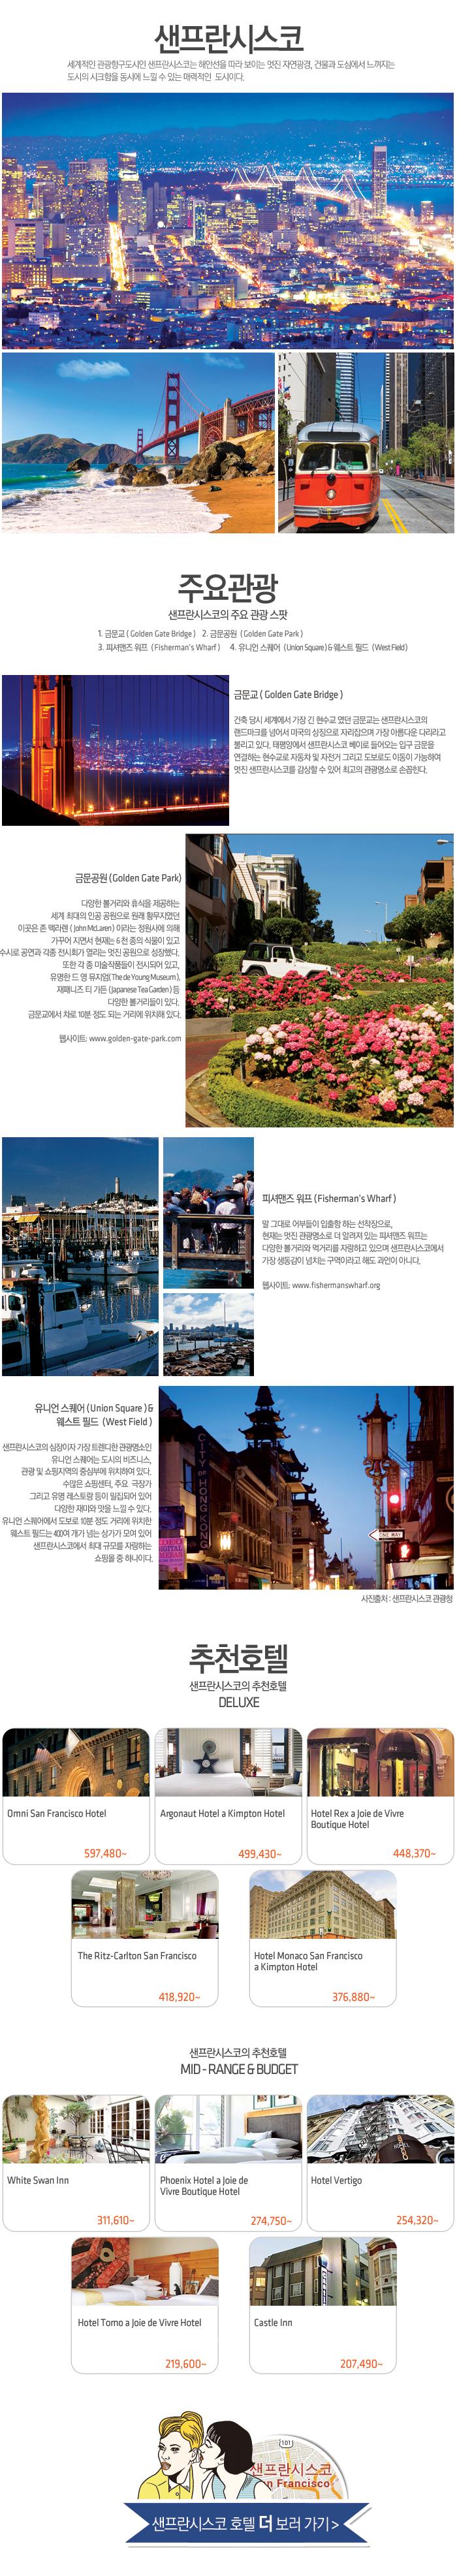 세계적인 관광항구도시인 샌프란시스코